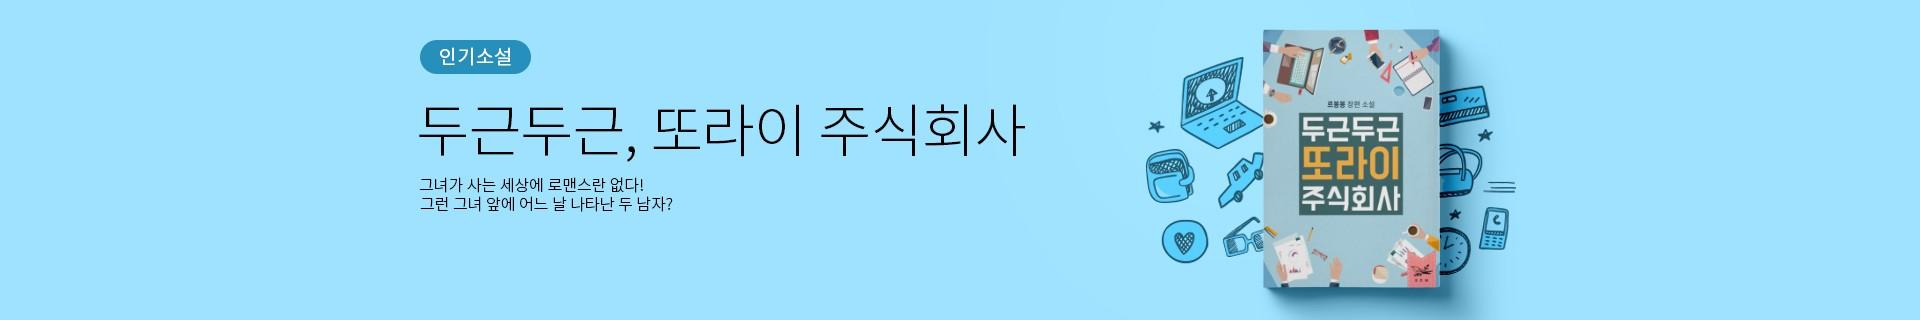 상세상단(PC)4주차_소설_두근두근 또라이.jpg